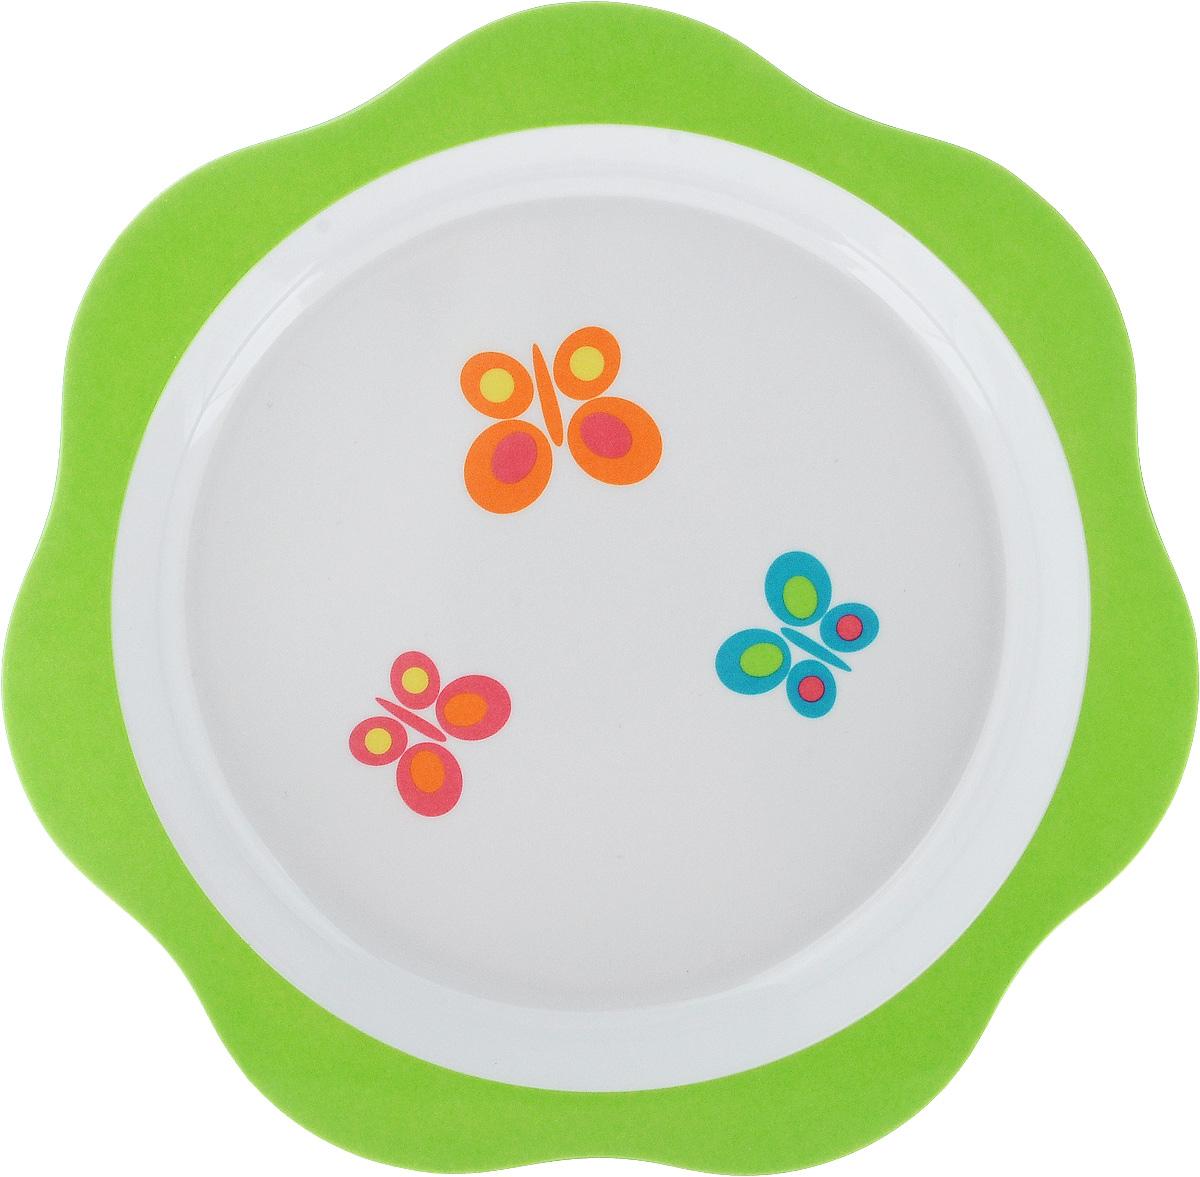 Тарелка детская Tescoma Bambini. Бабочки, цвет: салатовый, белый, диаметр 22 см668012_салатовыйДетская тарелка Tescoma Bambini. Бабочки изготовлена из безопасного пластика. Тарелочка, оформленная веселой картинкой забавных бабочек, понравится и малышу, и родителям! Ребенок будет с удовольствием учиться кушать самостоятельно. Тарелочка подходит для горячей и холодной пищи. Можно использовать в посудомоечной машине. Нельзя использовать в микроволновой печи. Внешний диаметр тарелки: 22 см. Внутренний диаметр тарелки: 17,7 см.